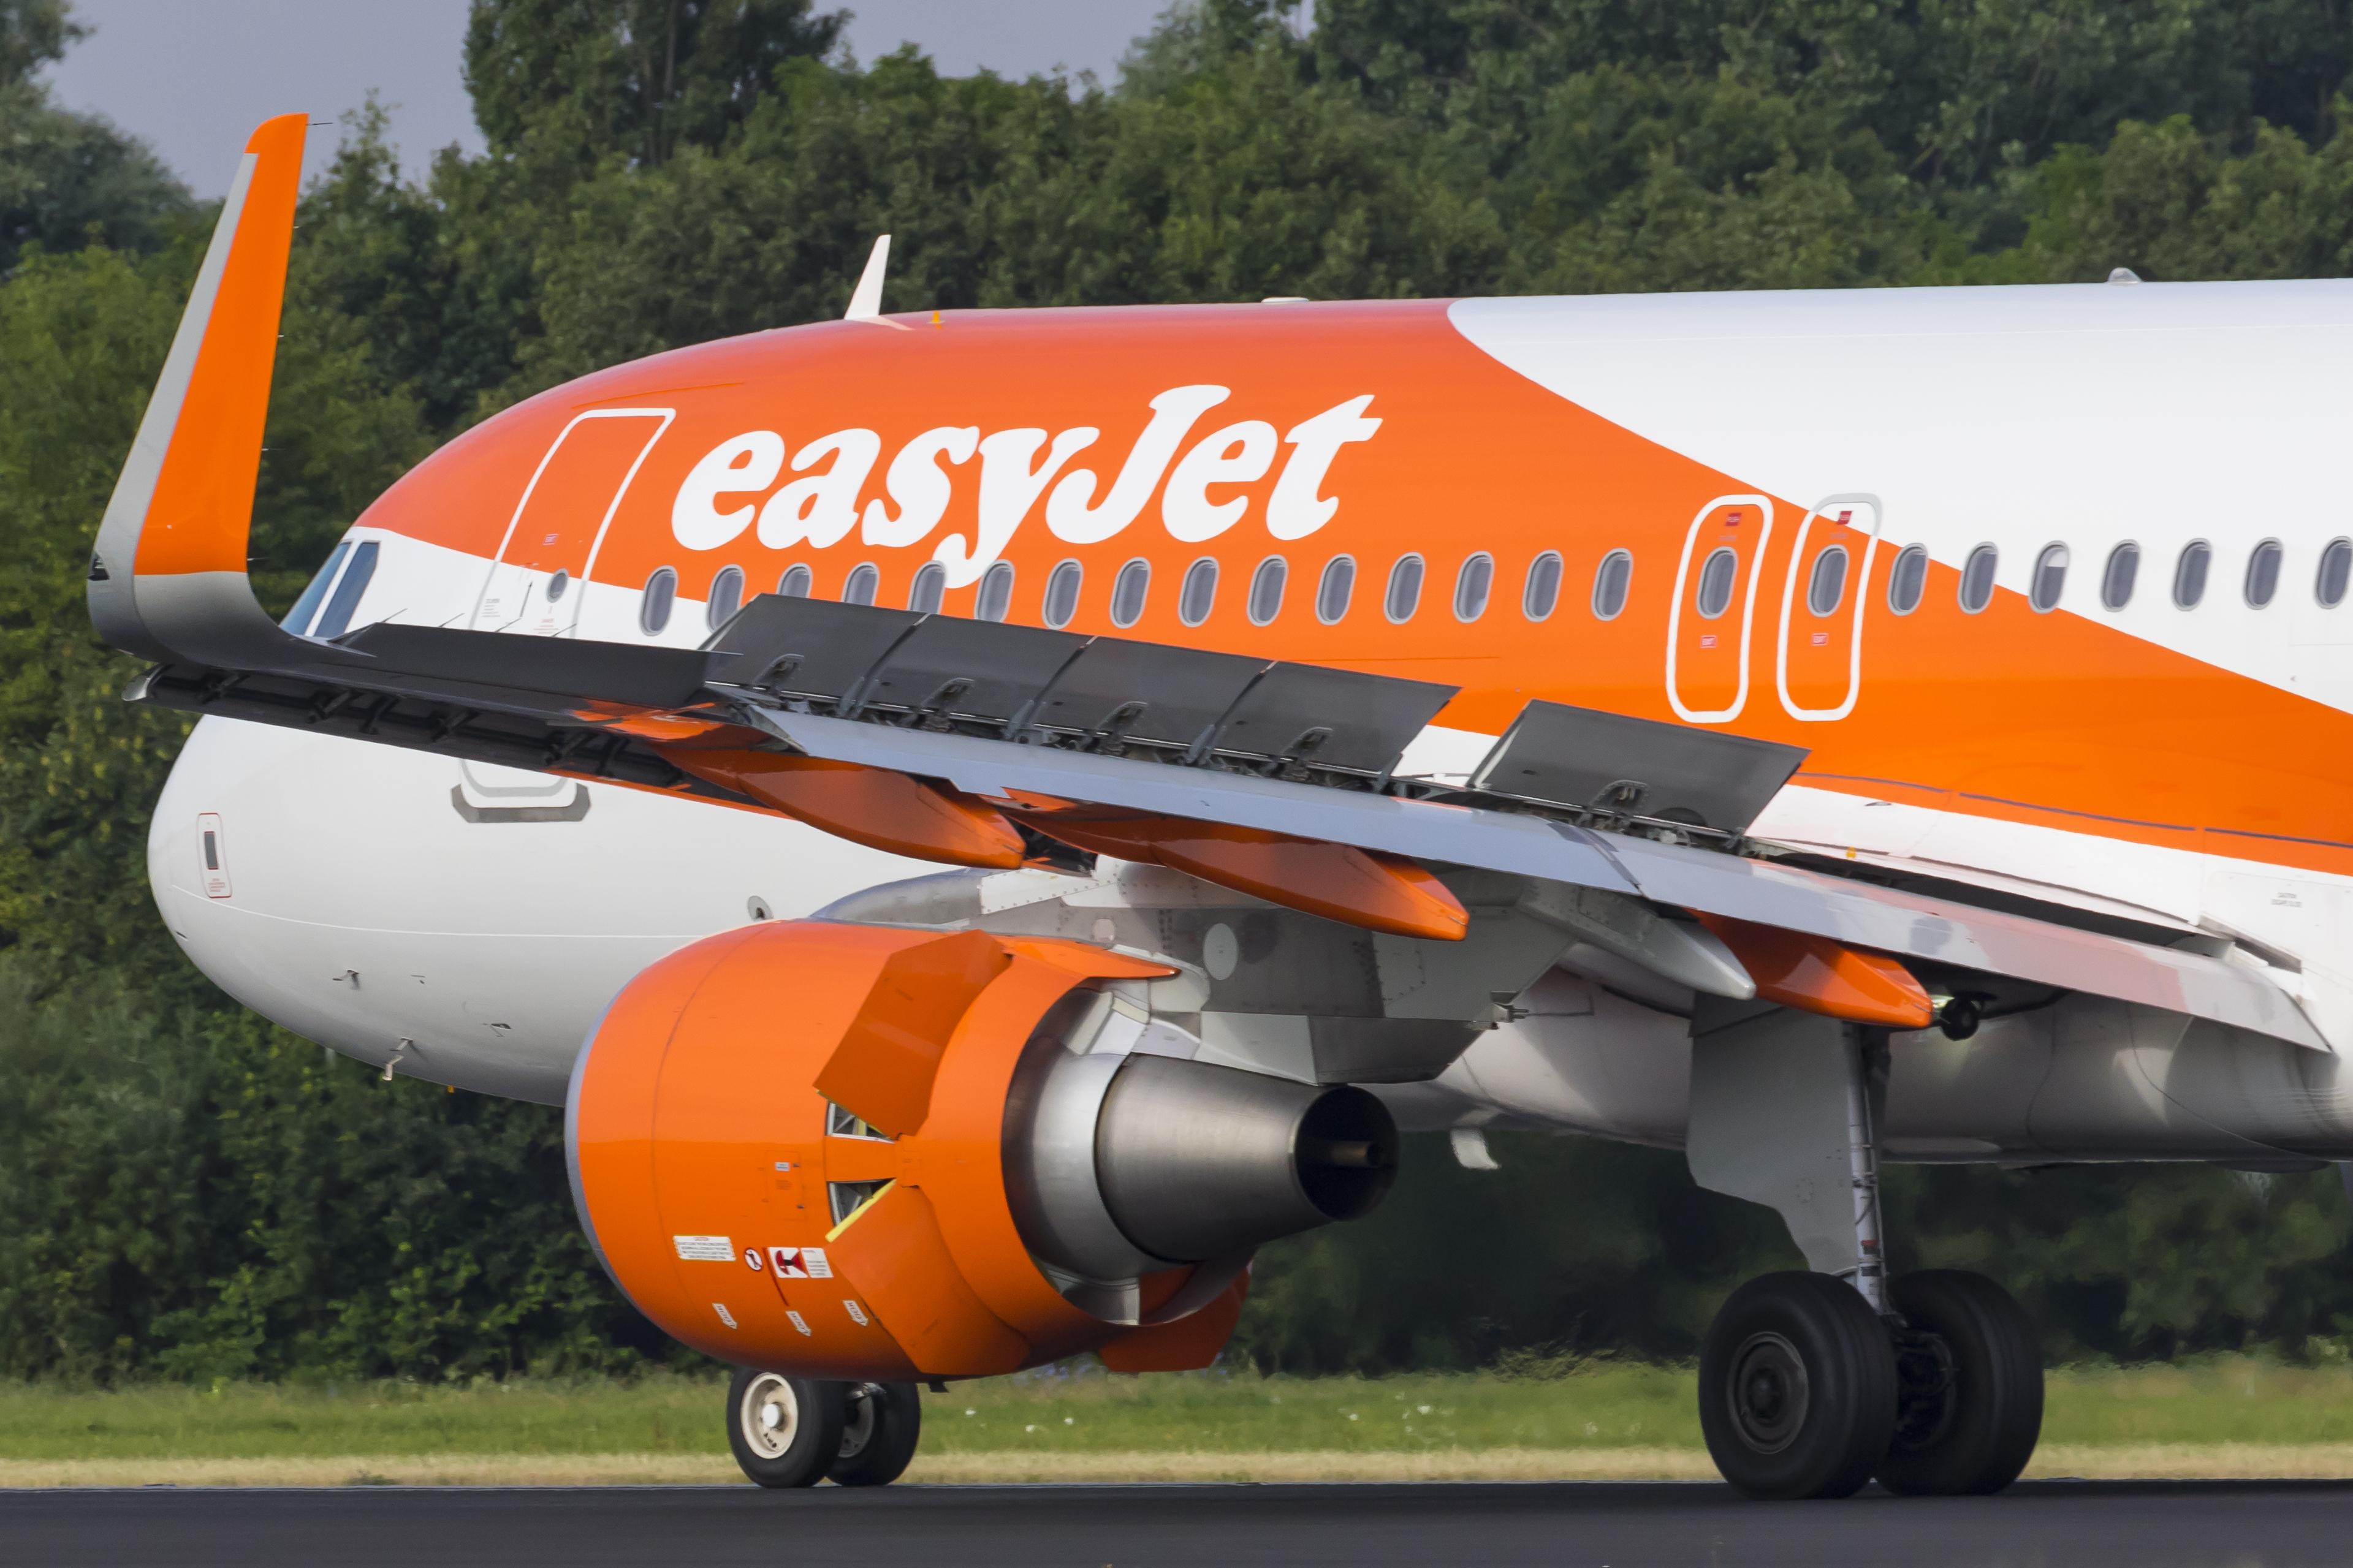 Airbus A320-200 fra easyJet (Foto: © Thorbjørn Brunander Sund, danishaviationphoto.com)